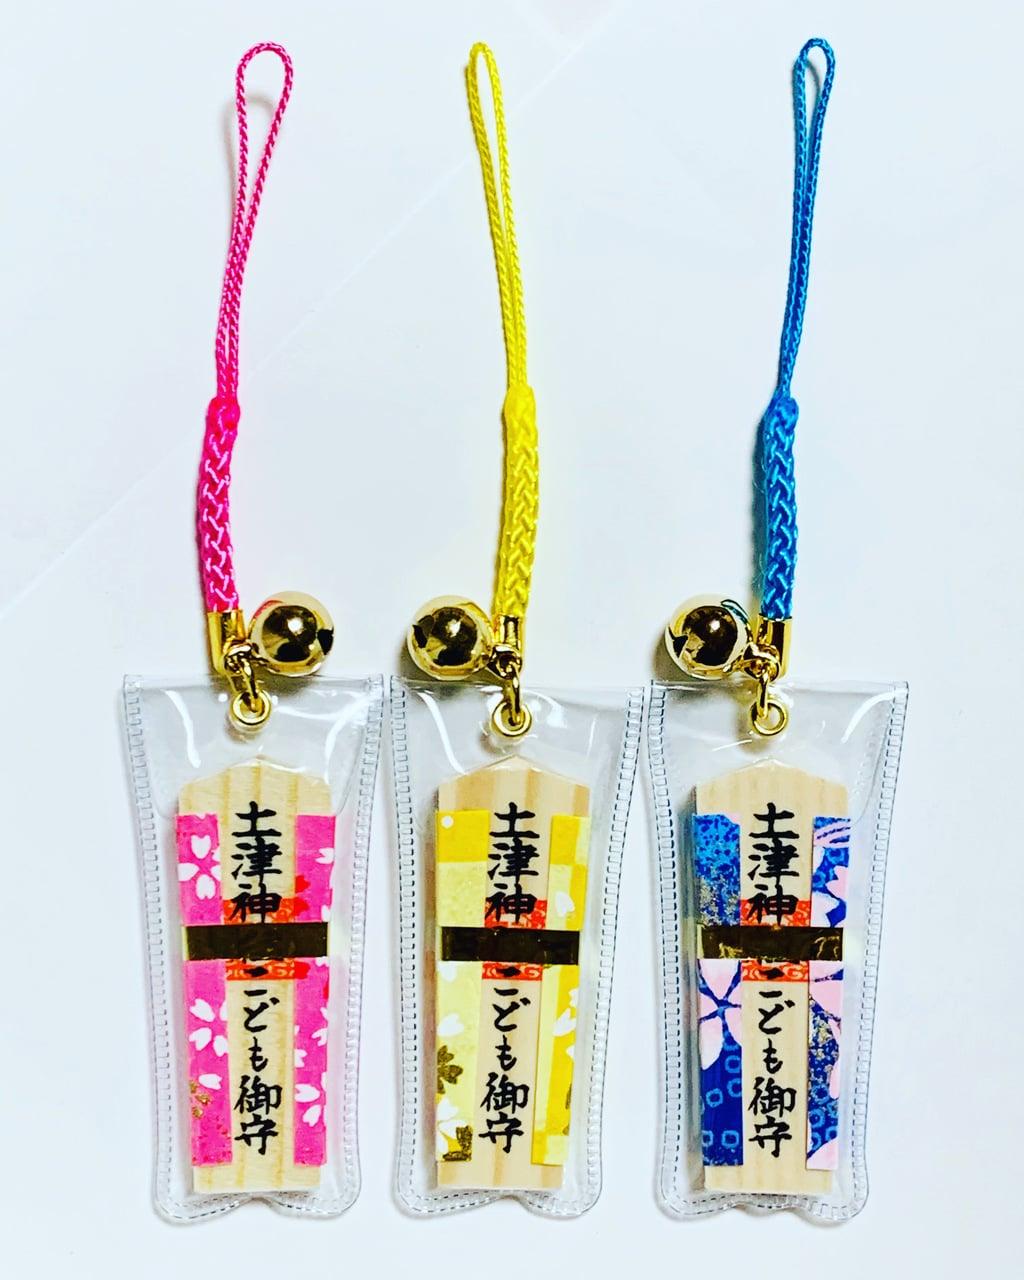 土津神社-こどもと出世の神さま-のお守り